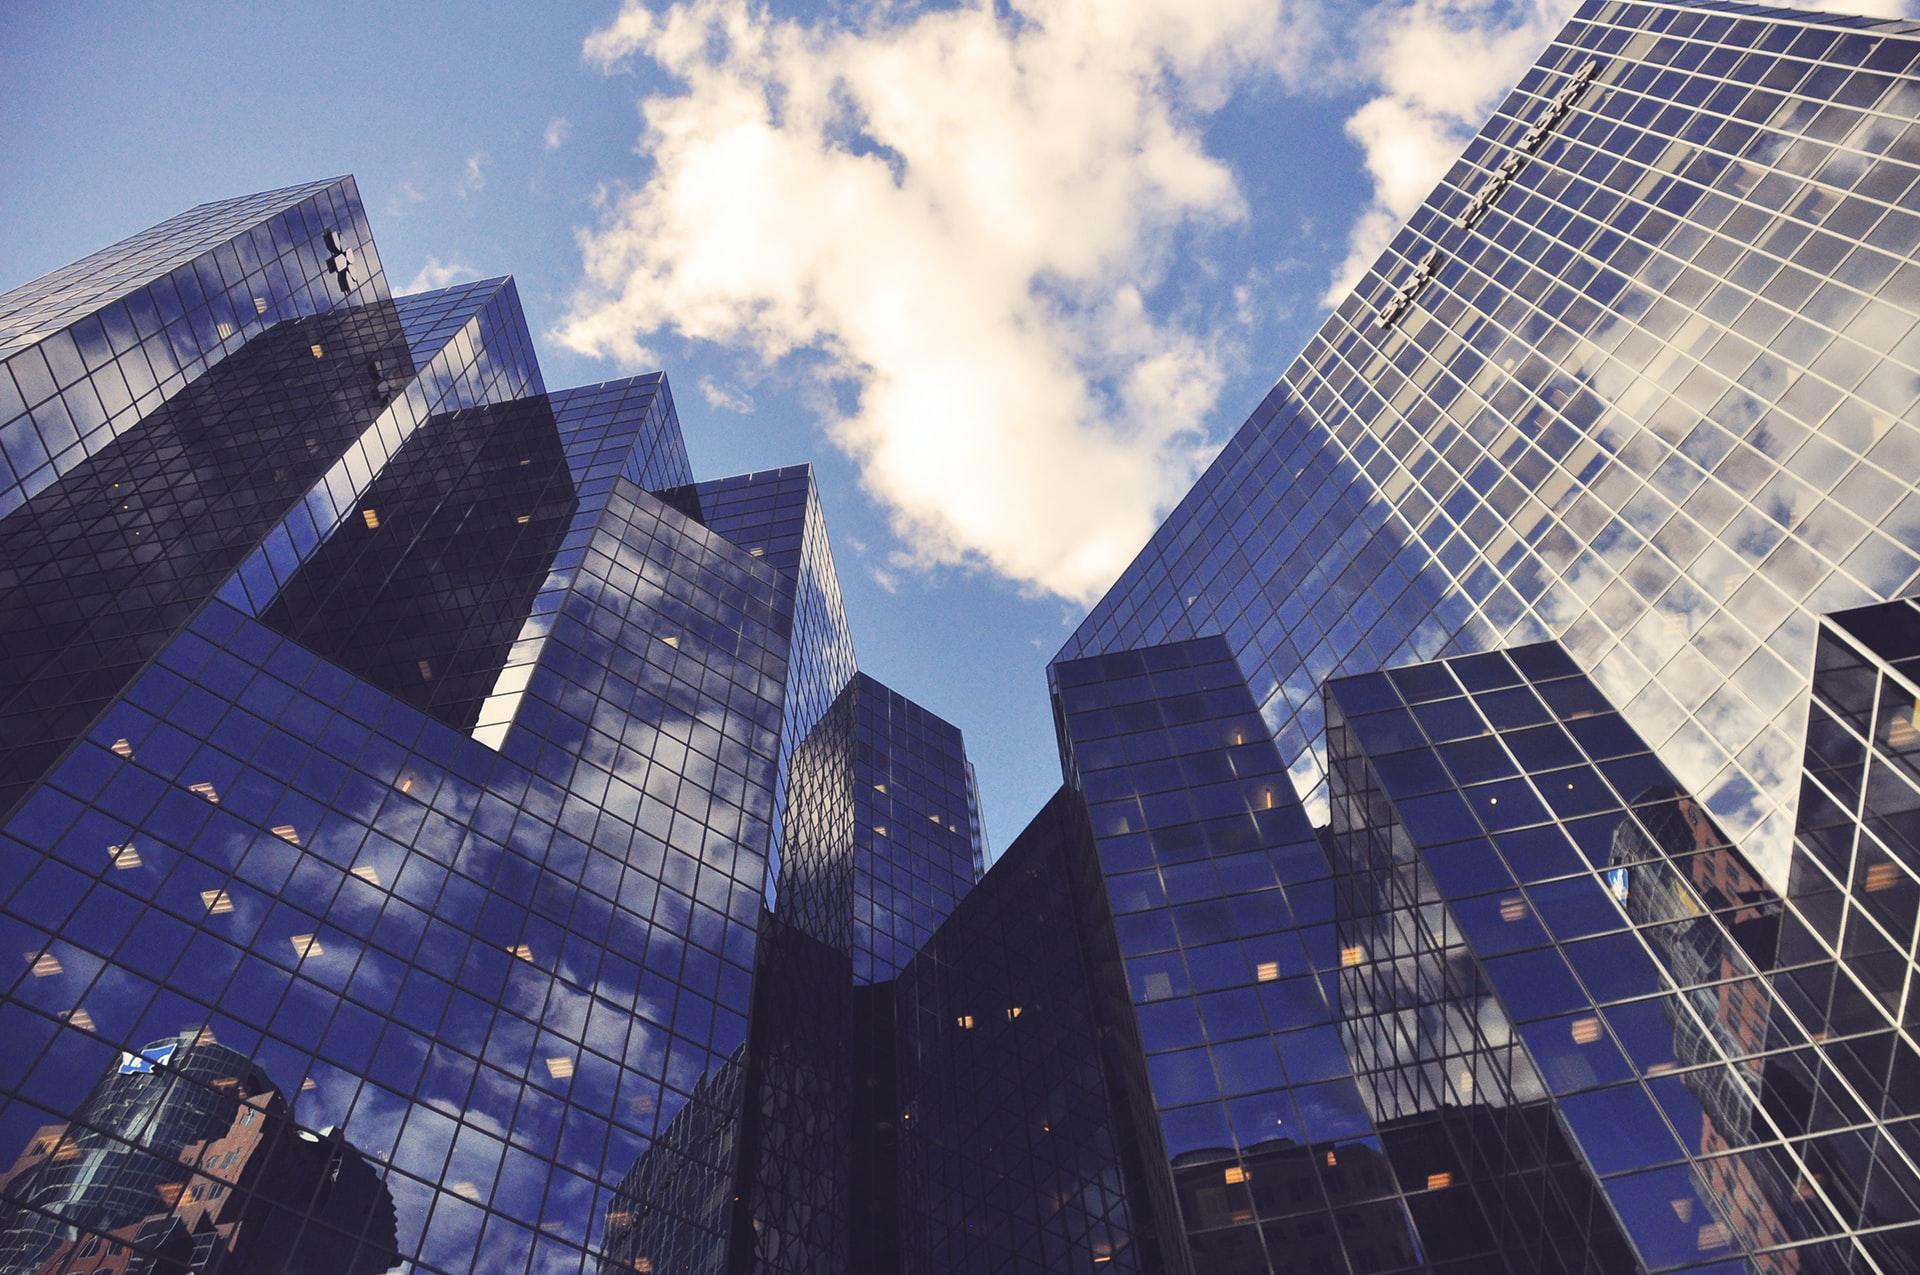 Photographie en contre-plongée de buildings en verre